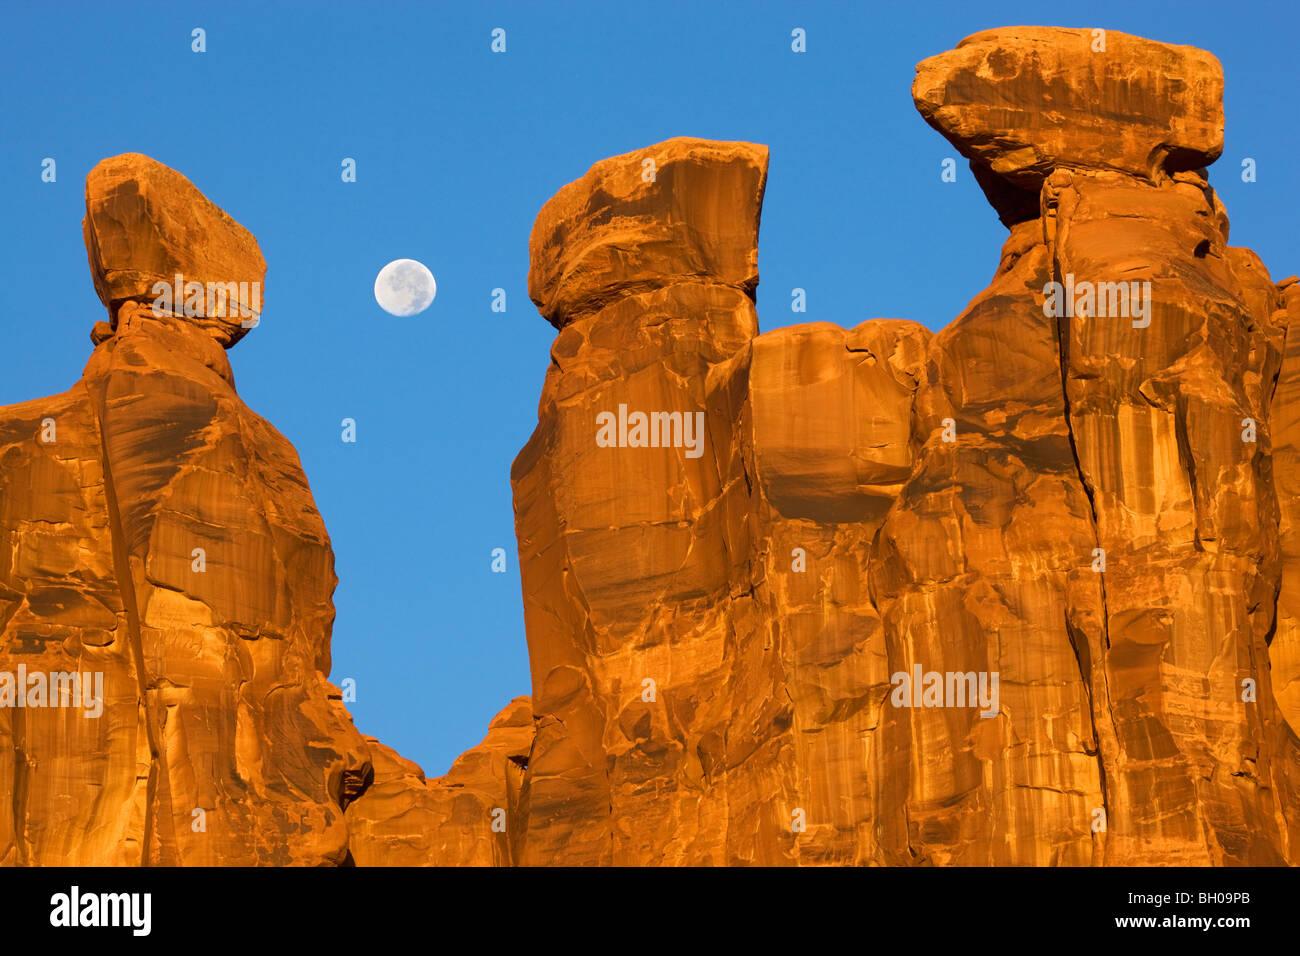 Près de la pleine lune avec les trois commères, Arches National Park, près de Moab, Utah. Photo Stock